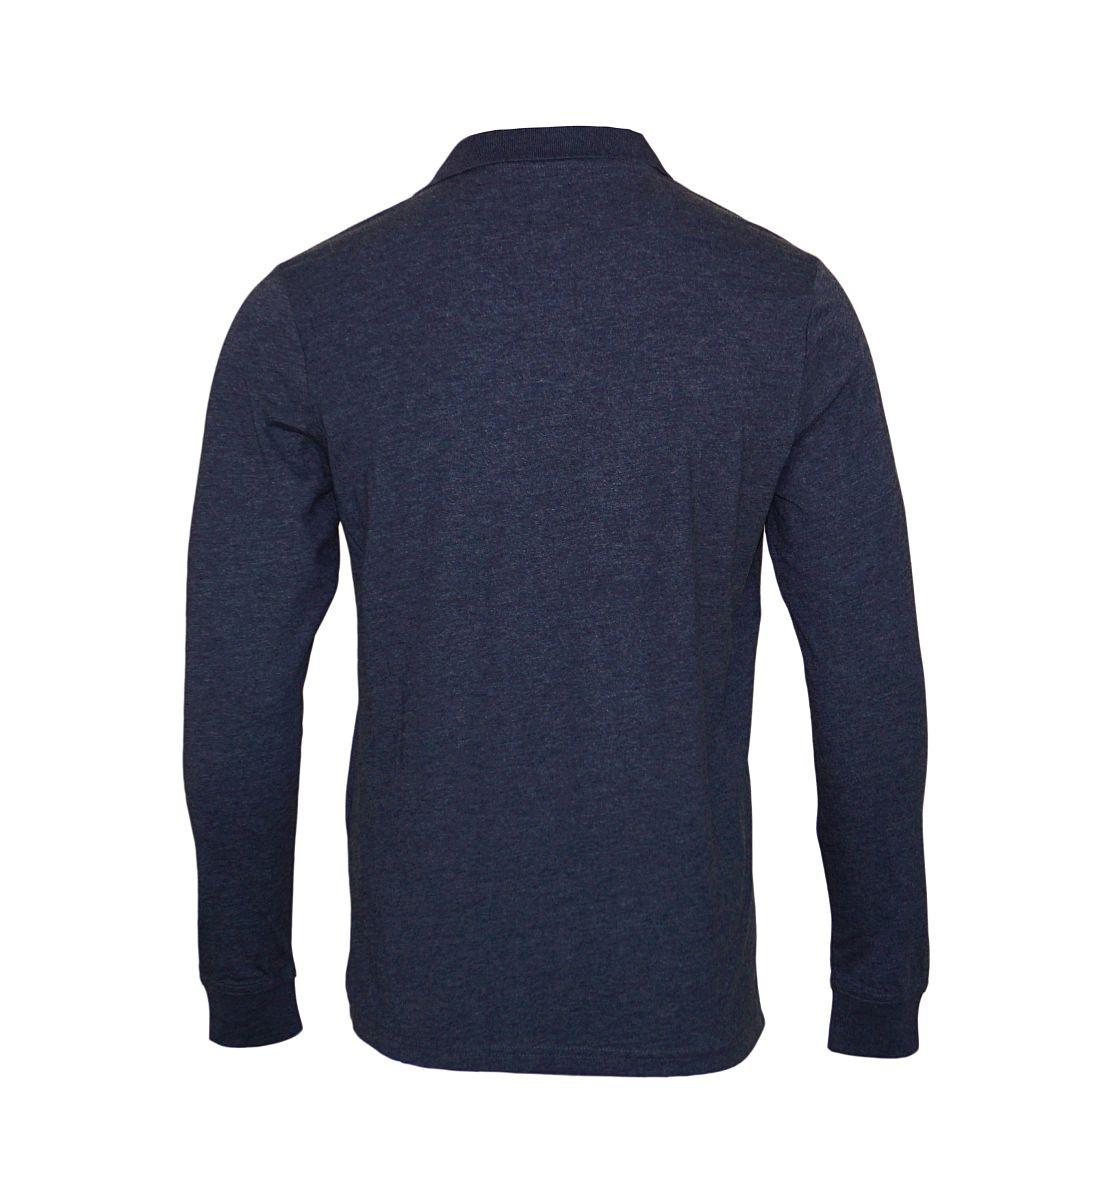 Daniel Hechter Longsleeve Poloshirt 75003 172900 680 dunkelblau melange SH17-DHL1